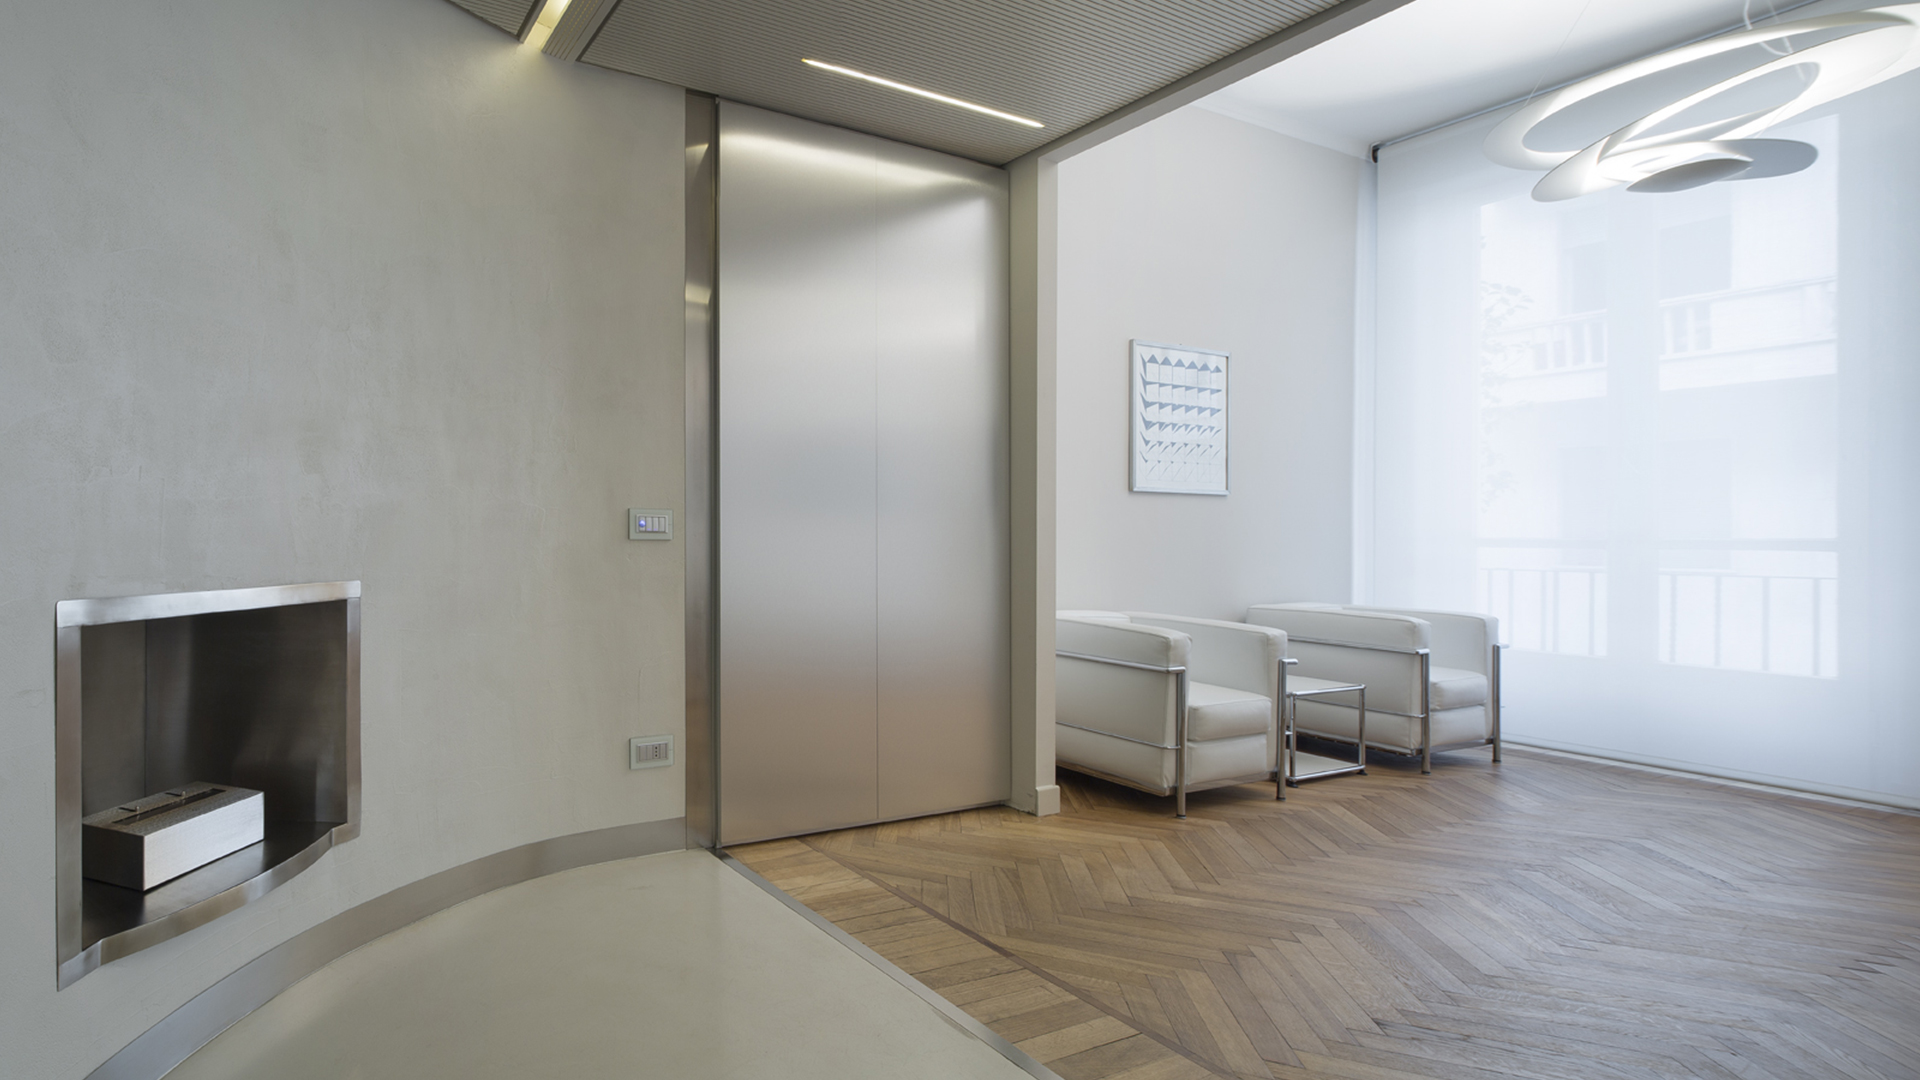 Studio Frattini